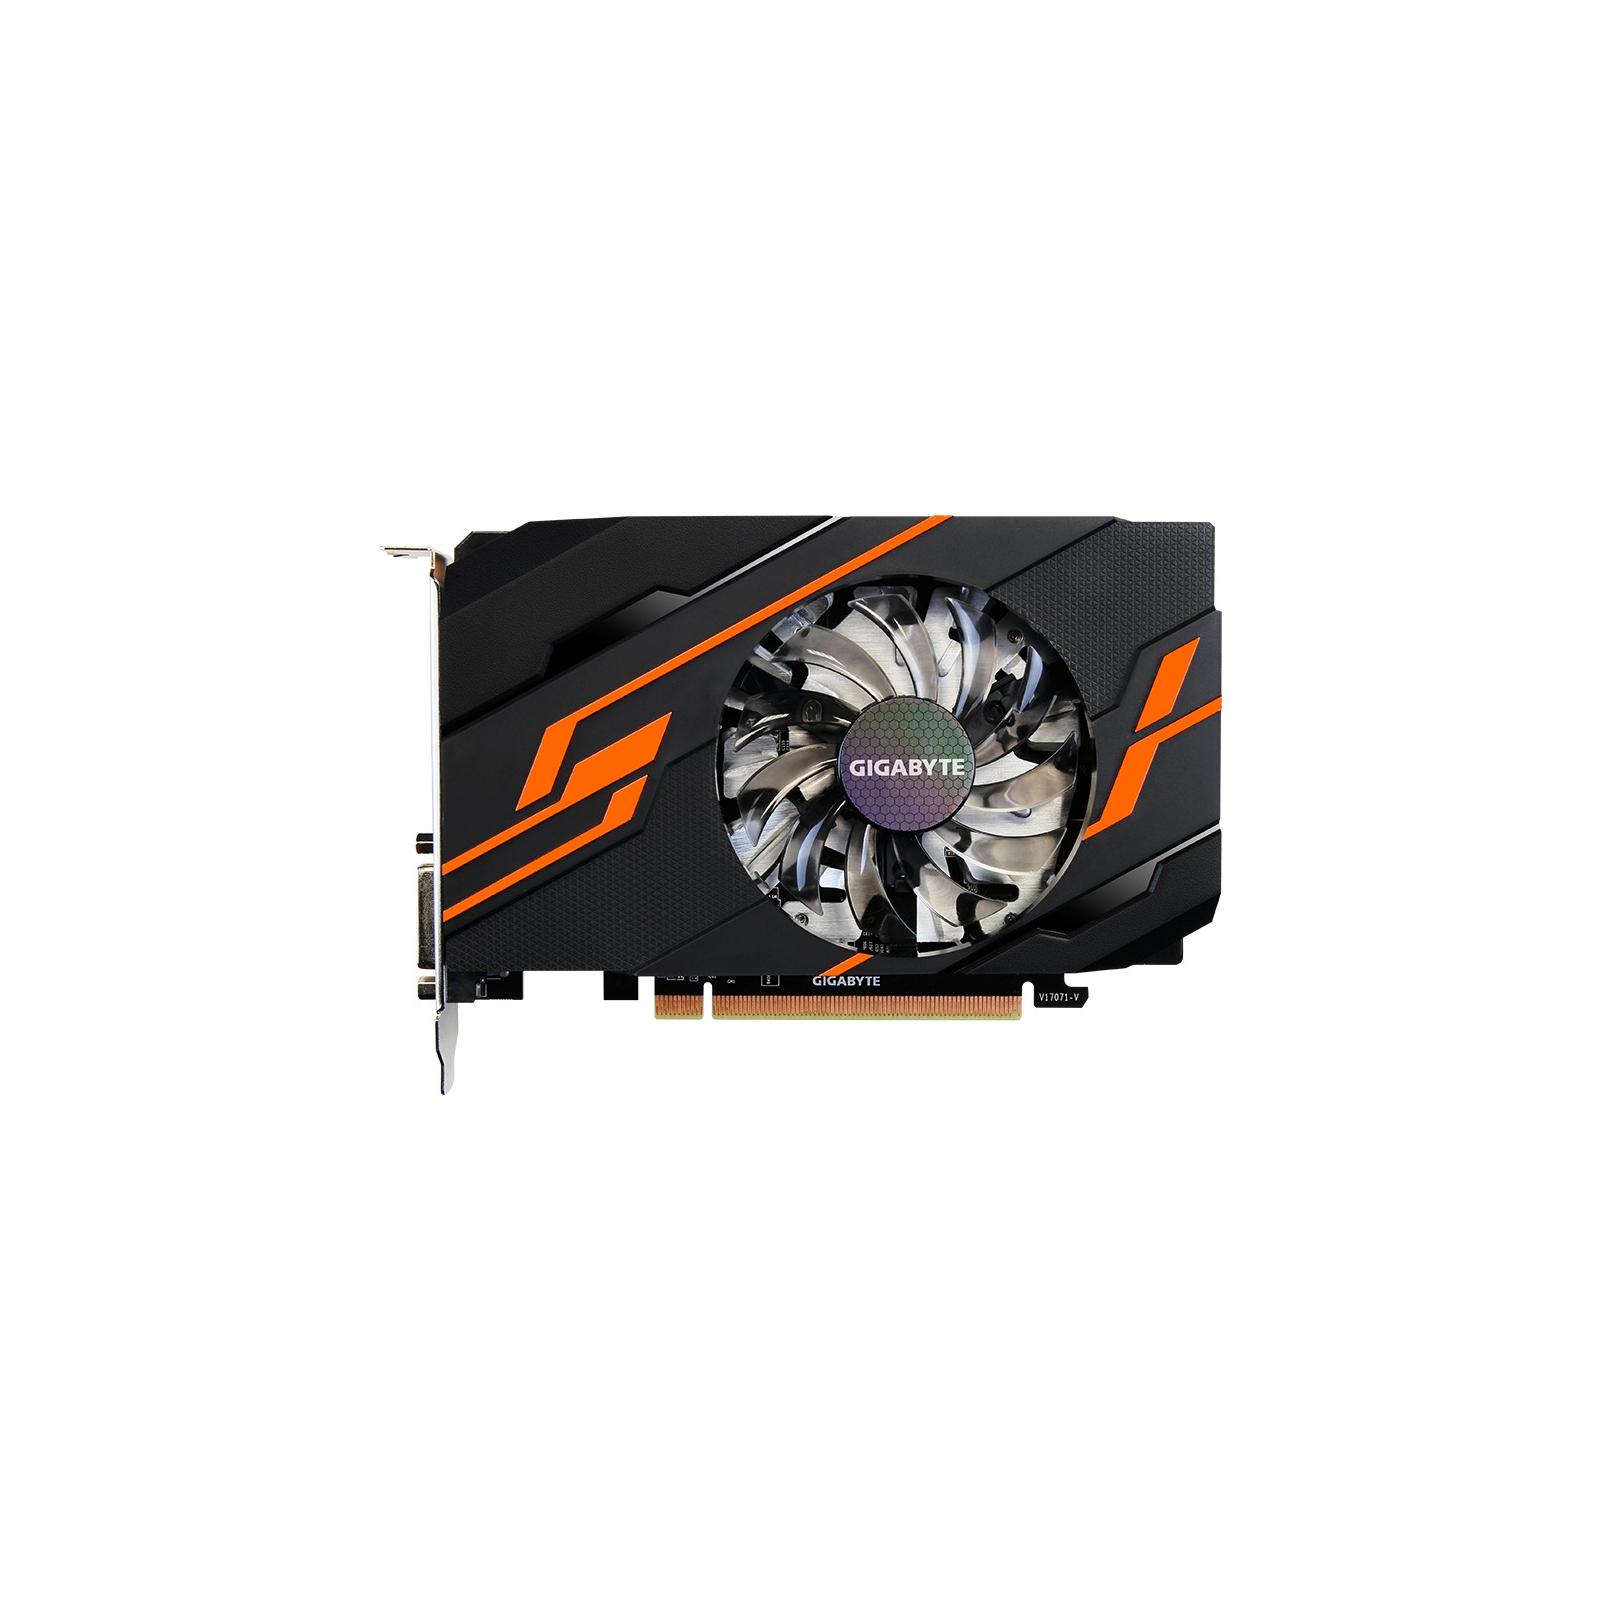 Відеокарта GIGABYTE GeForce GT1030 2048Mb OC (GV-N1030OC-2GI) зображення 2